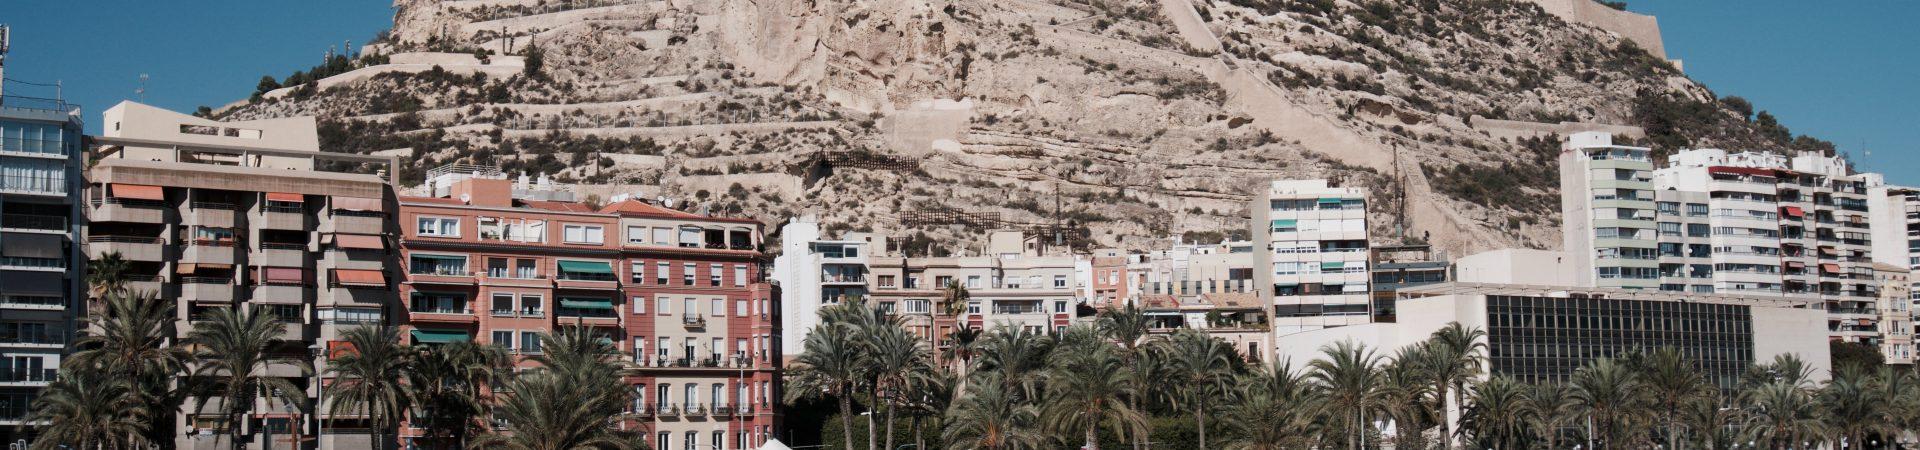 All Inclusive Alicante